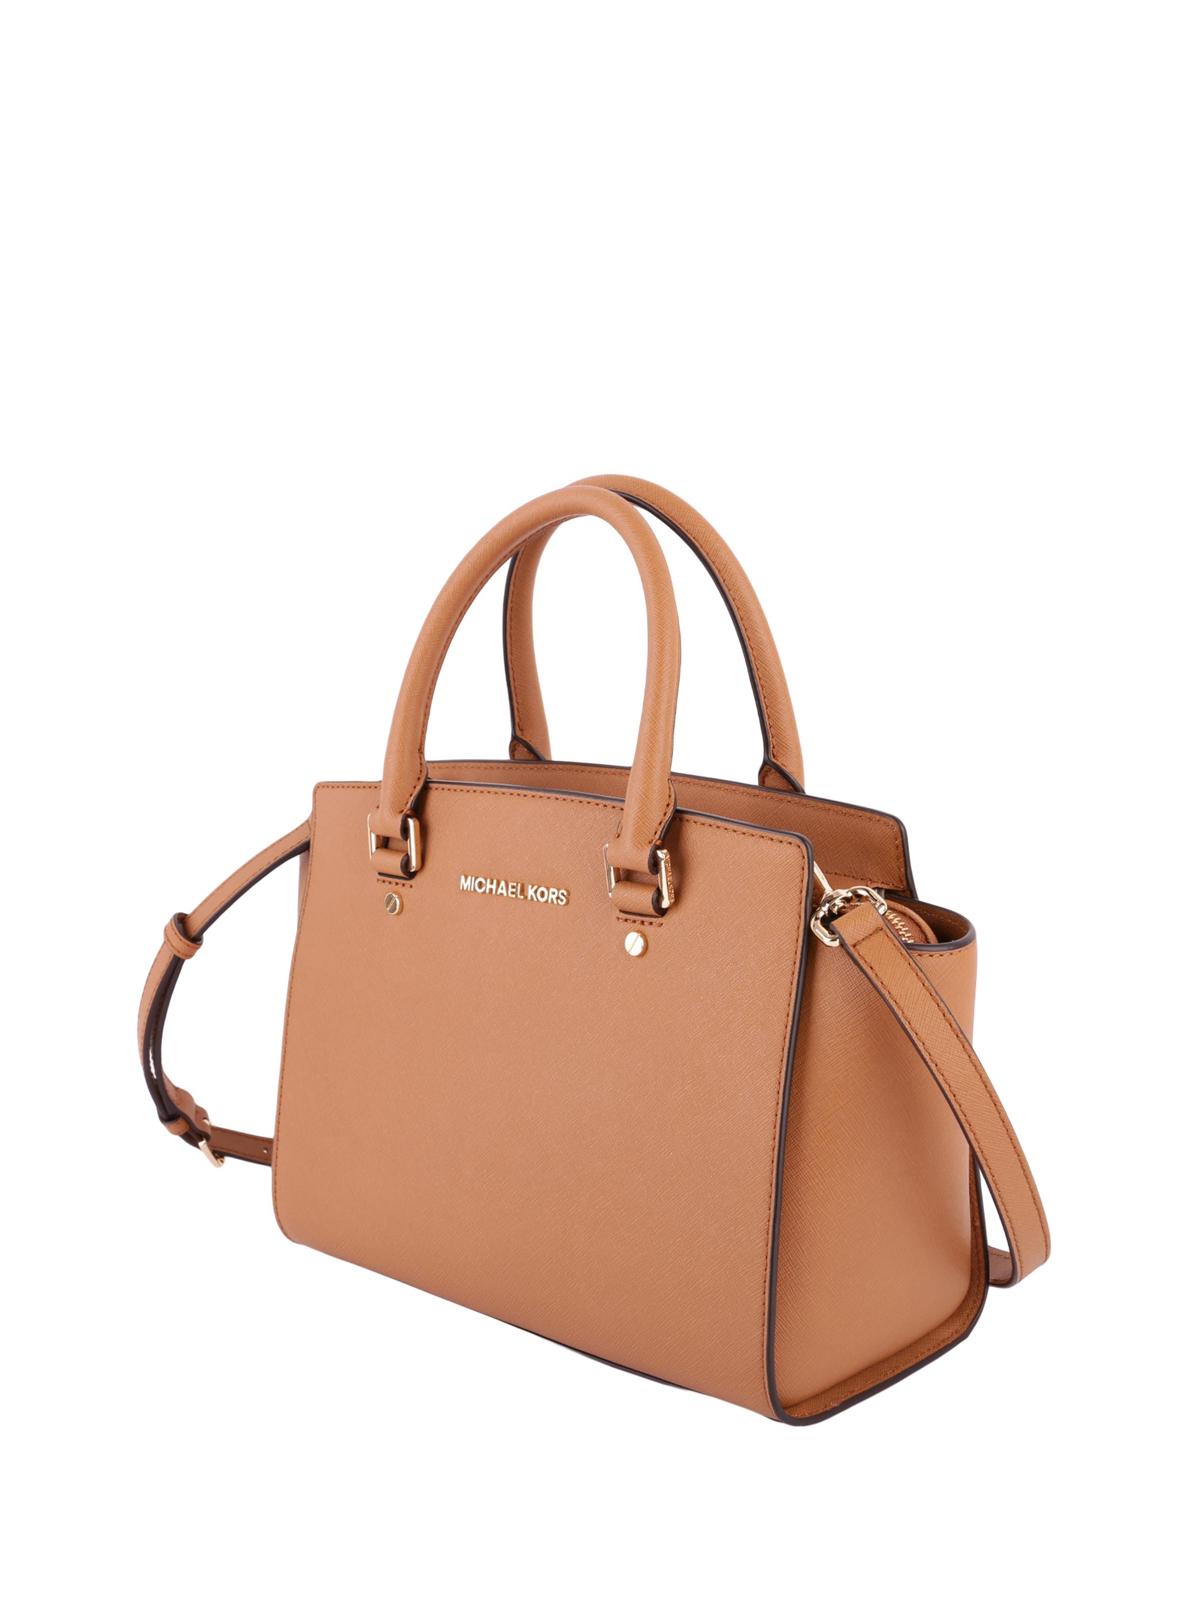 59b2b3e4b551 MICHAEL KORS: totes bags online - Selma medium acorn saffiano top zip tote